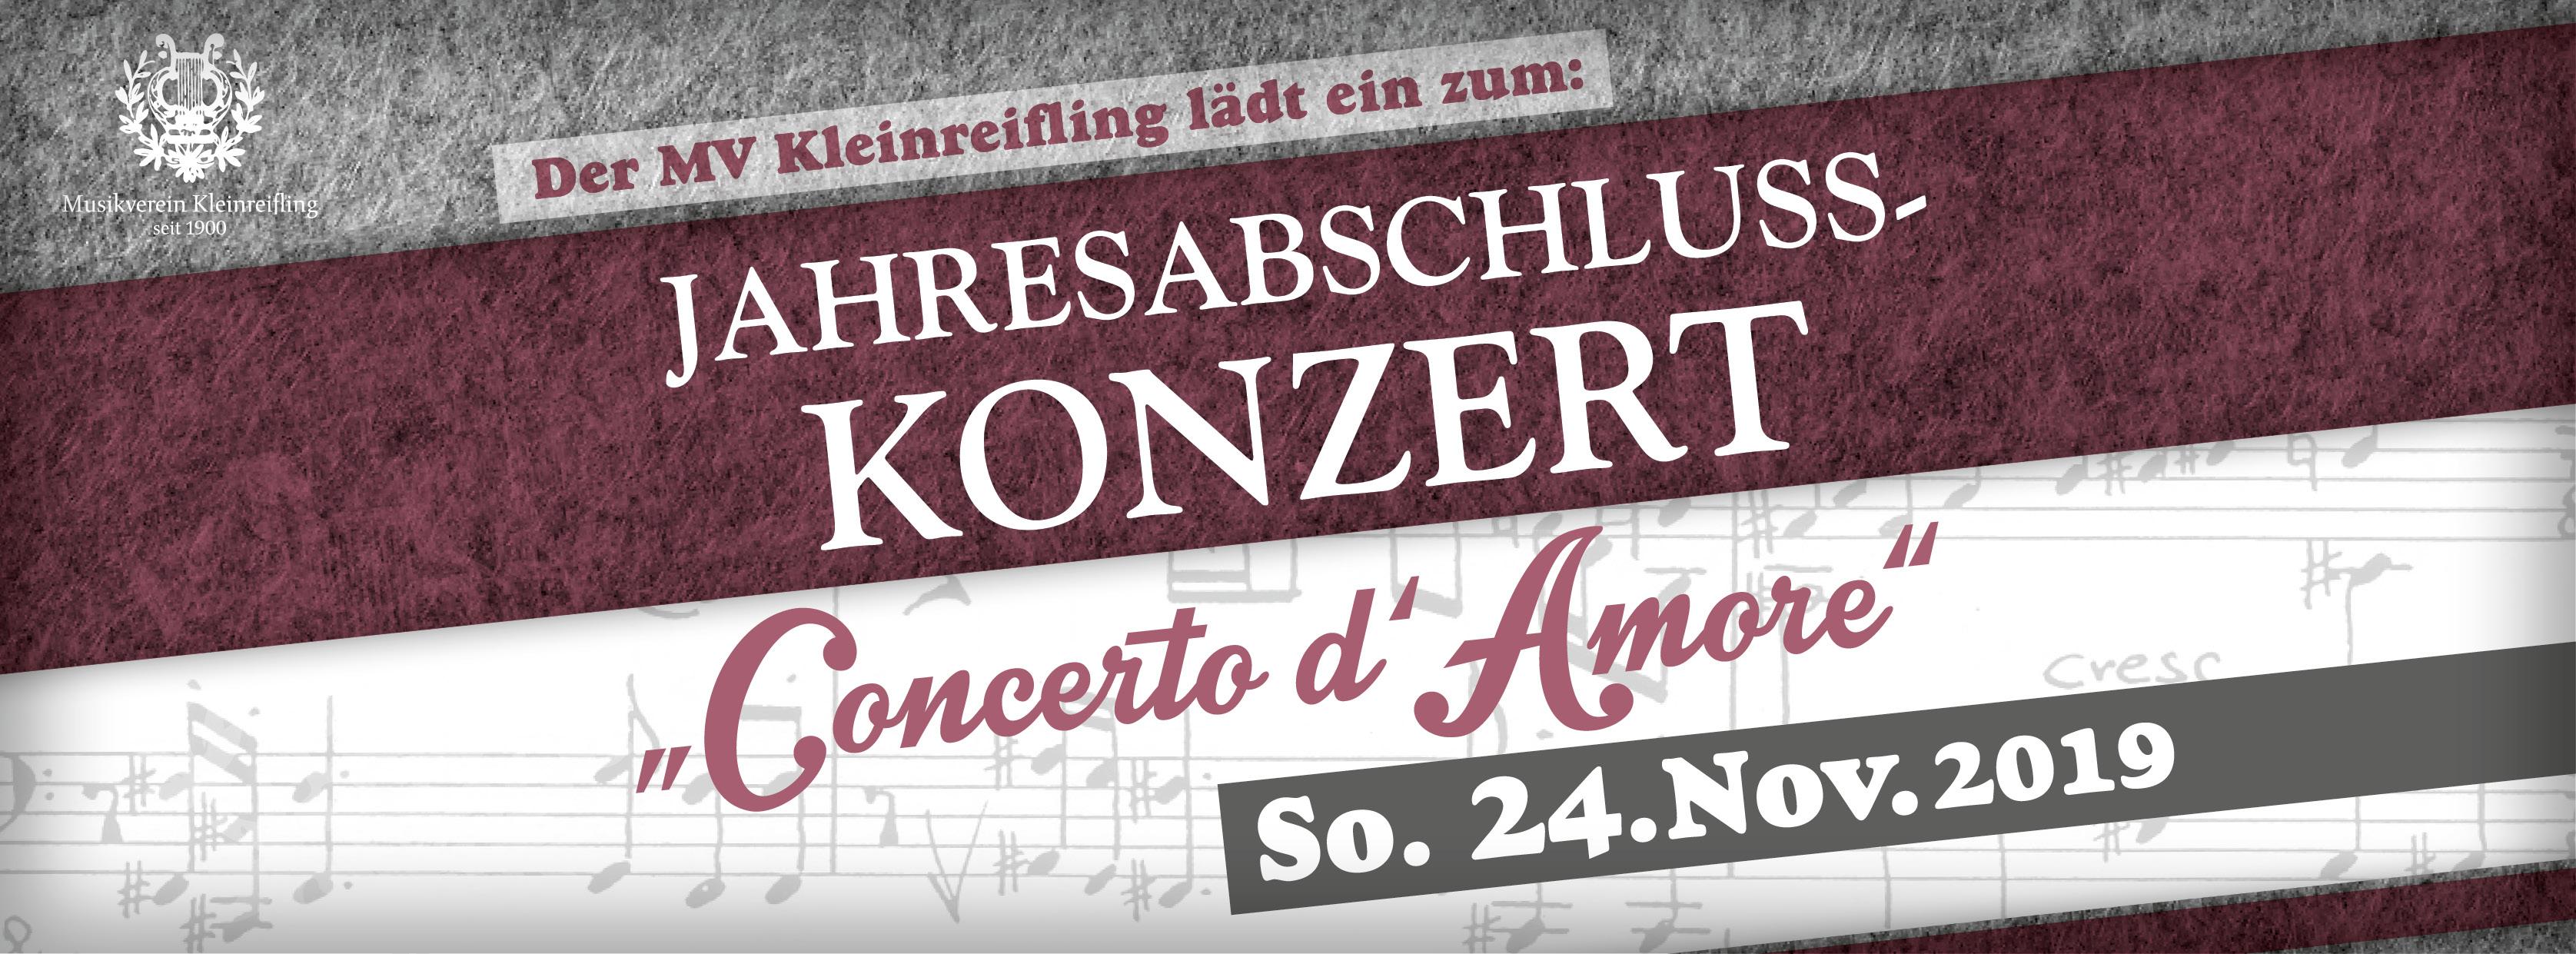 """Der MV Kleinreifling lädt ein zum Jahresabschlusskonzert """"Concerto d'Amore, So. 24. November 2019"""